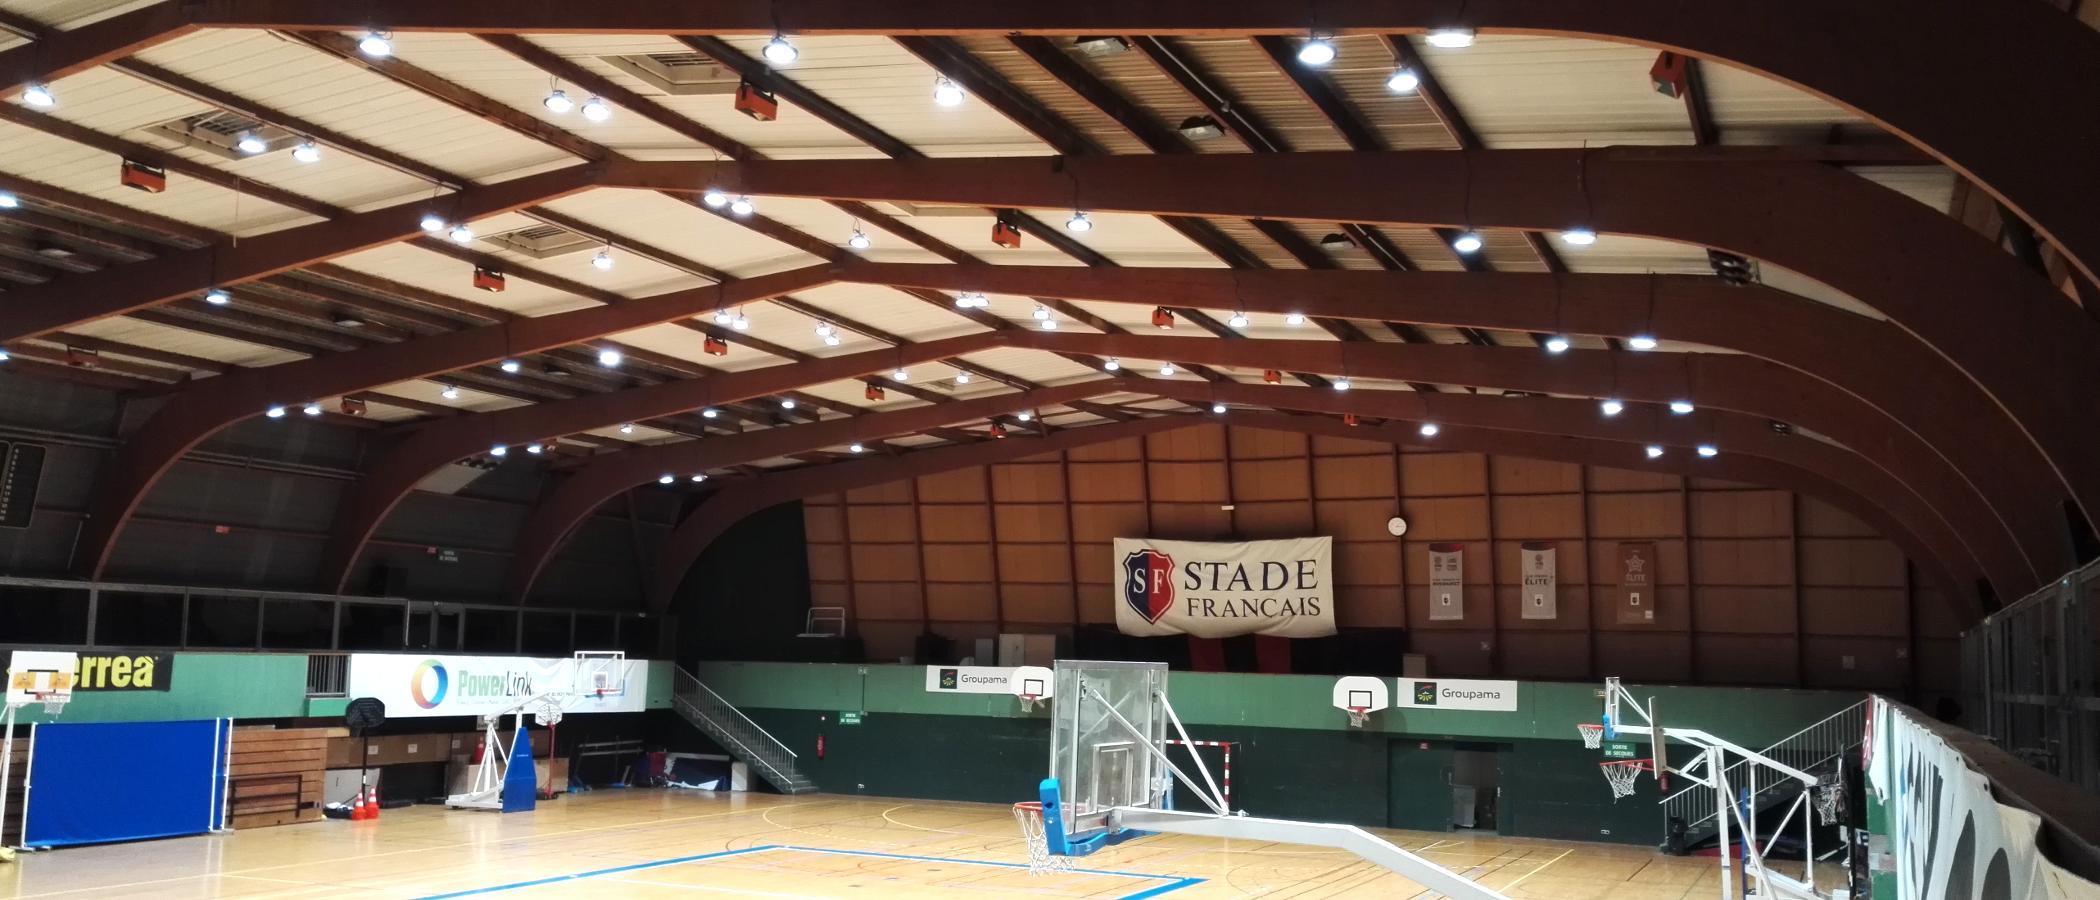 BAIYILED LED highbay geïnstalleerd om sporthal Stade Francias